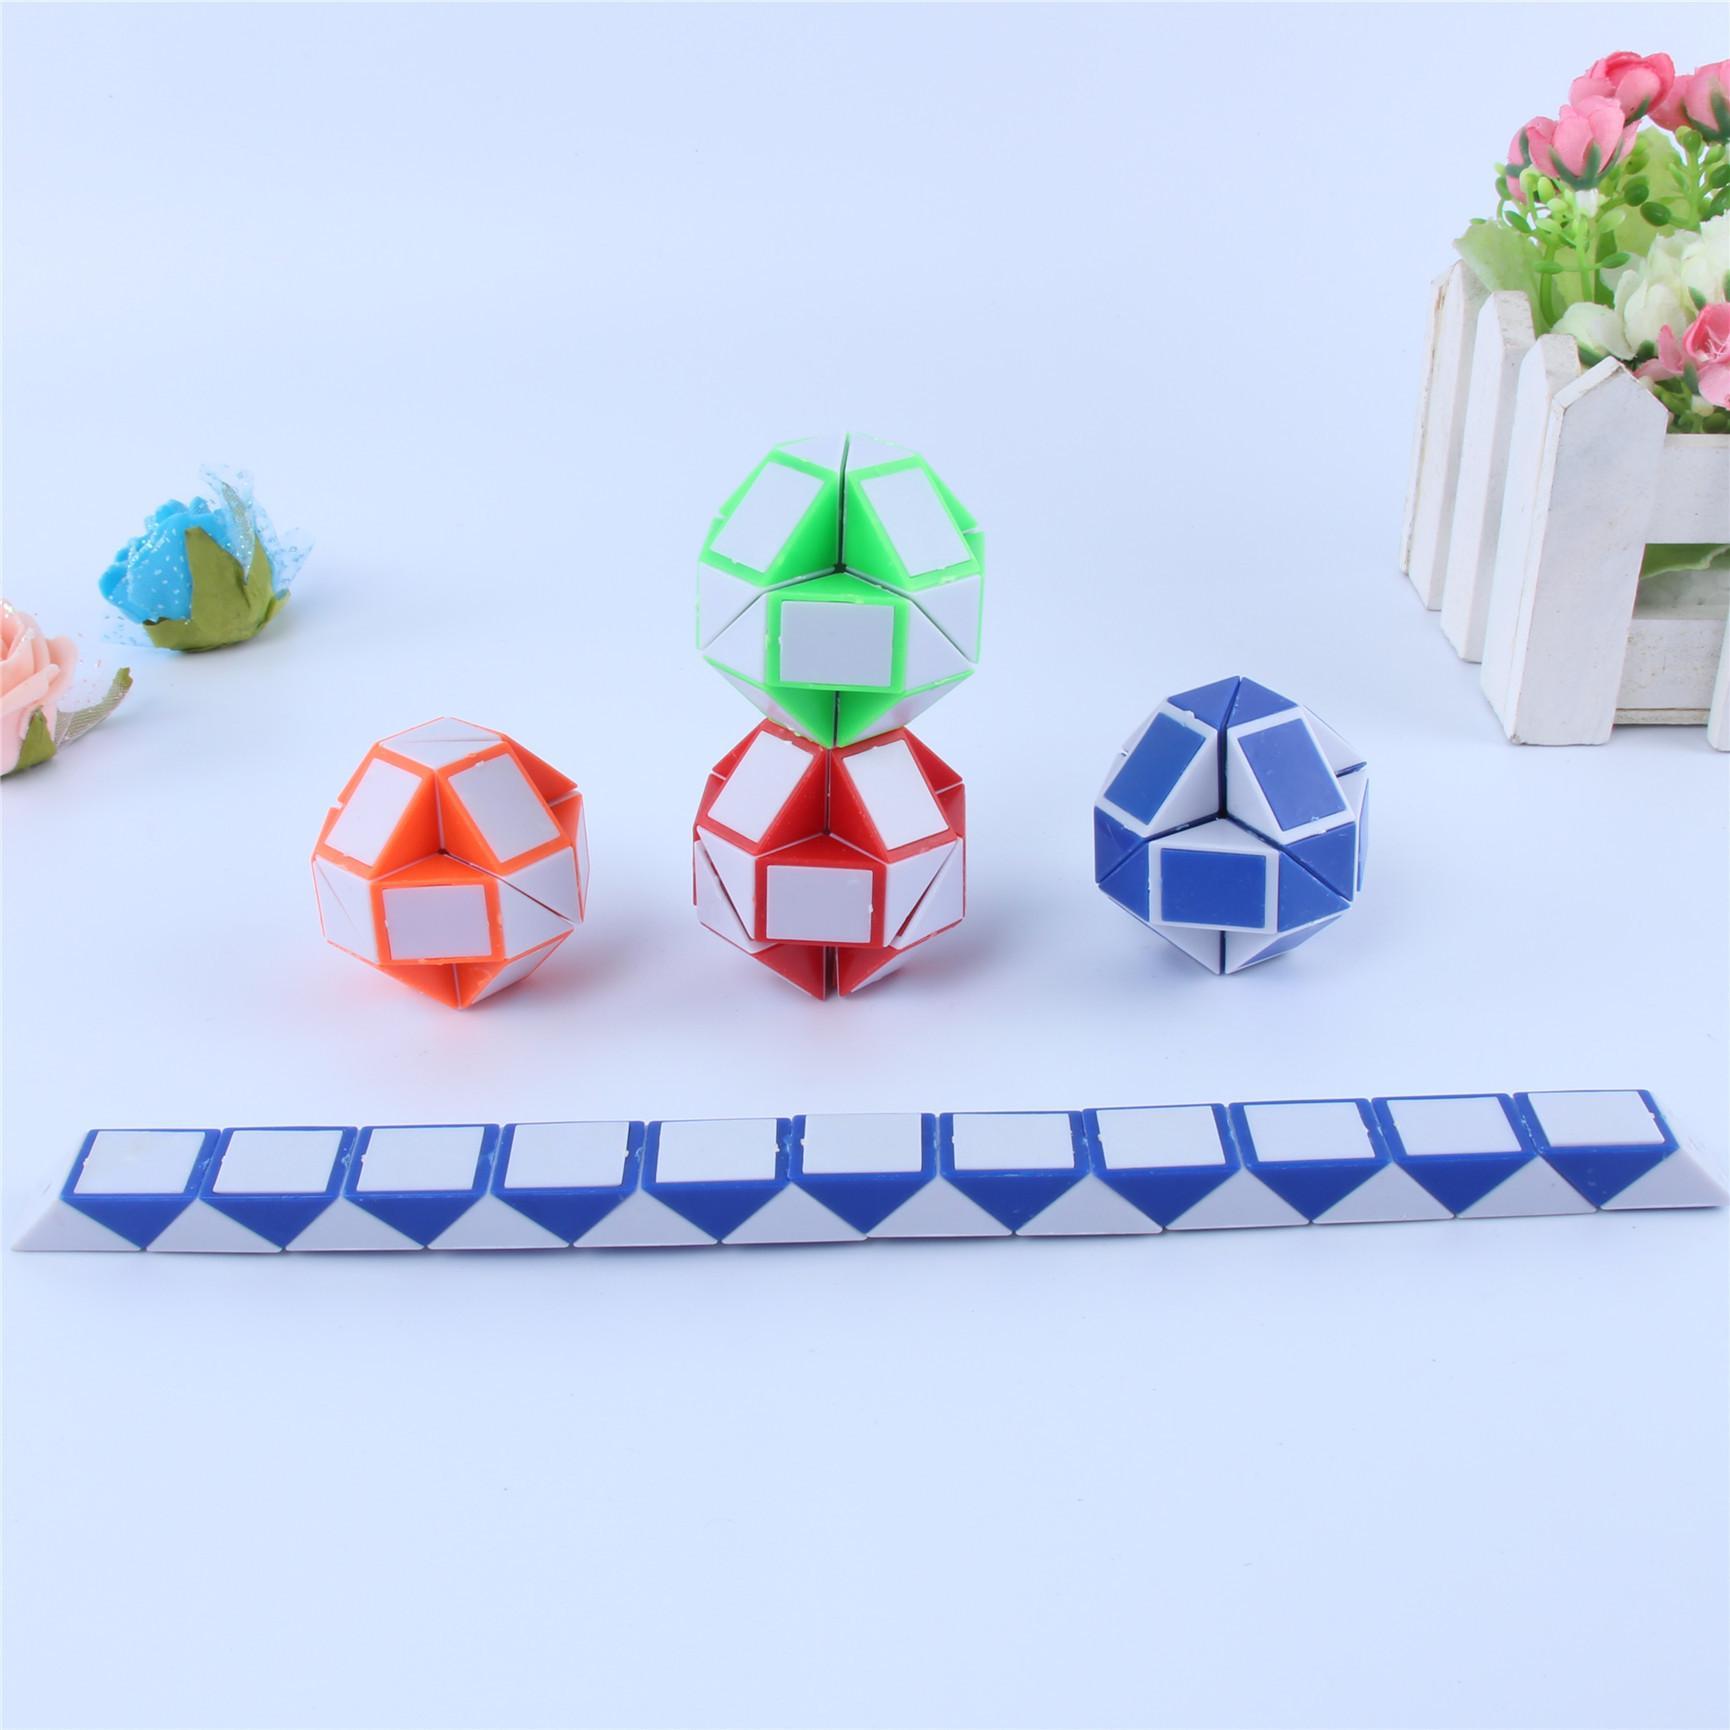 Pequeno Mini Magia Cubo Mágico Régua Serpente Forma Toy Game 3D Puzzle Cubo de Torção Brinquedo Quebra-cabeça de Presente de Inteligência Aleatória Brinquedos Presentes Supertop